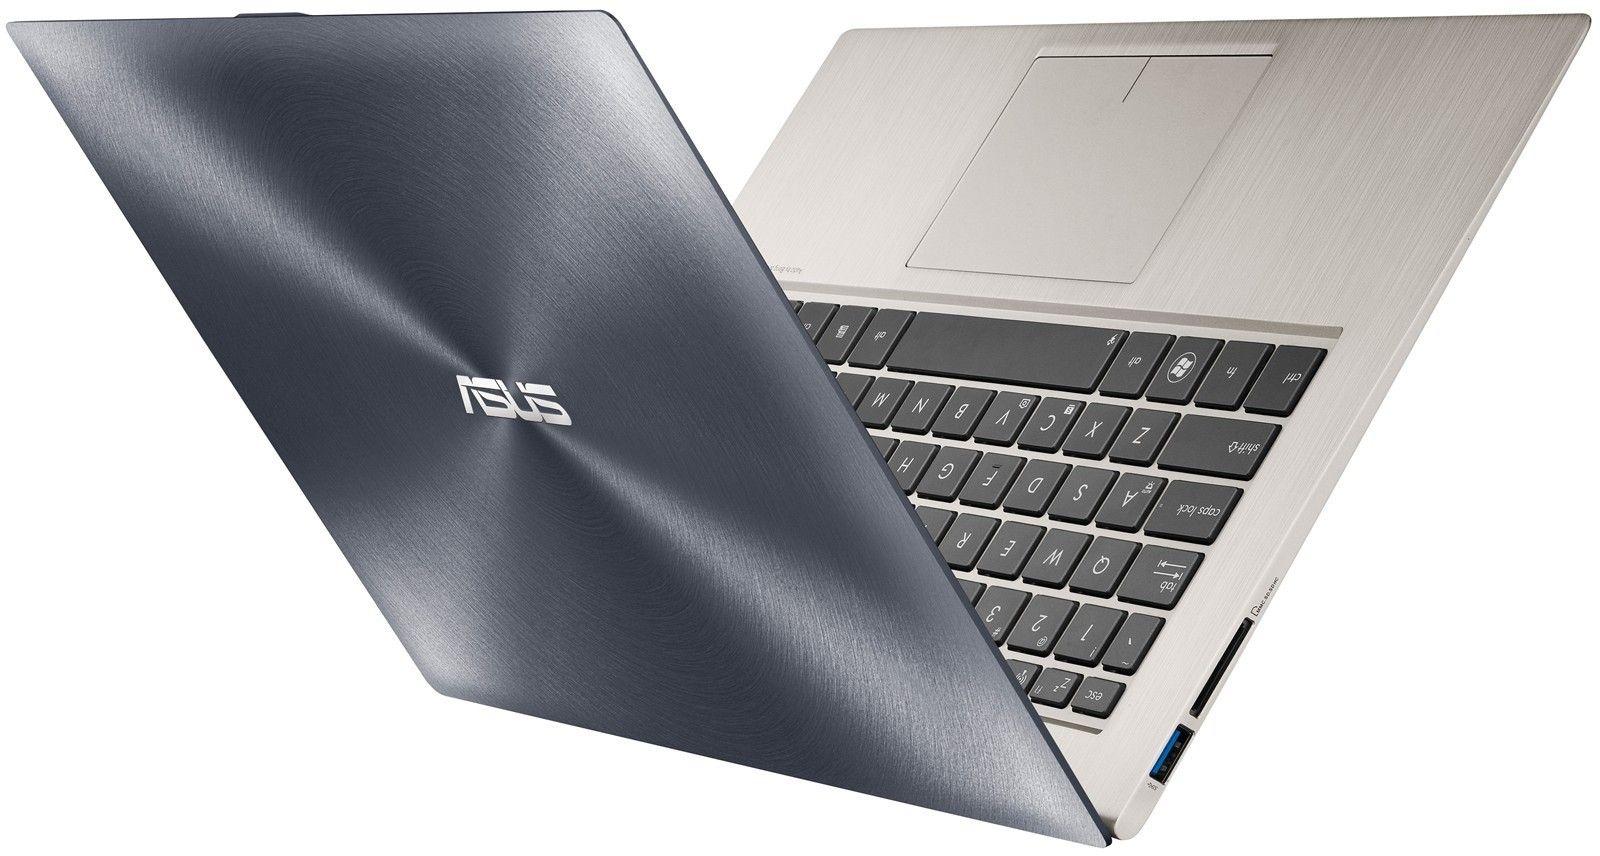 Asus Zenbook UX32A.Foto: Asus